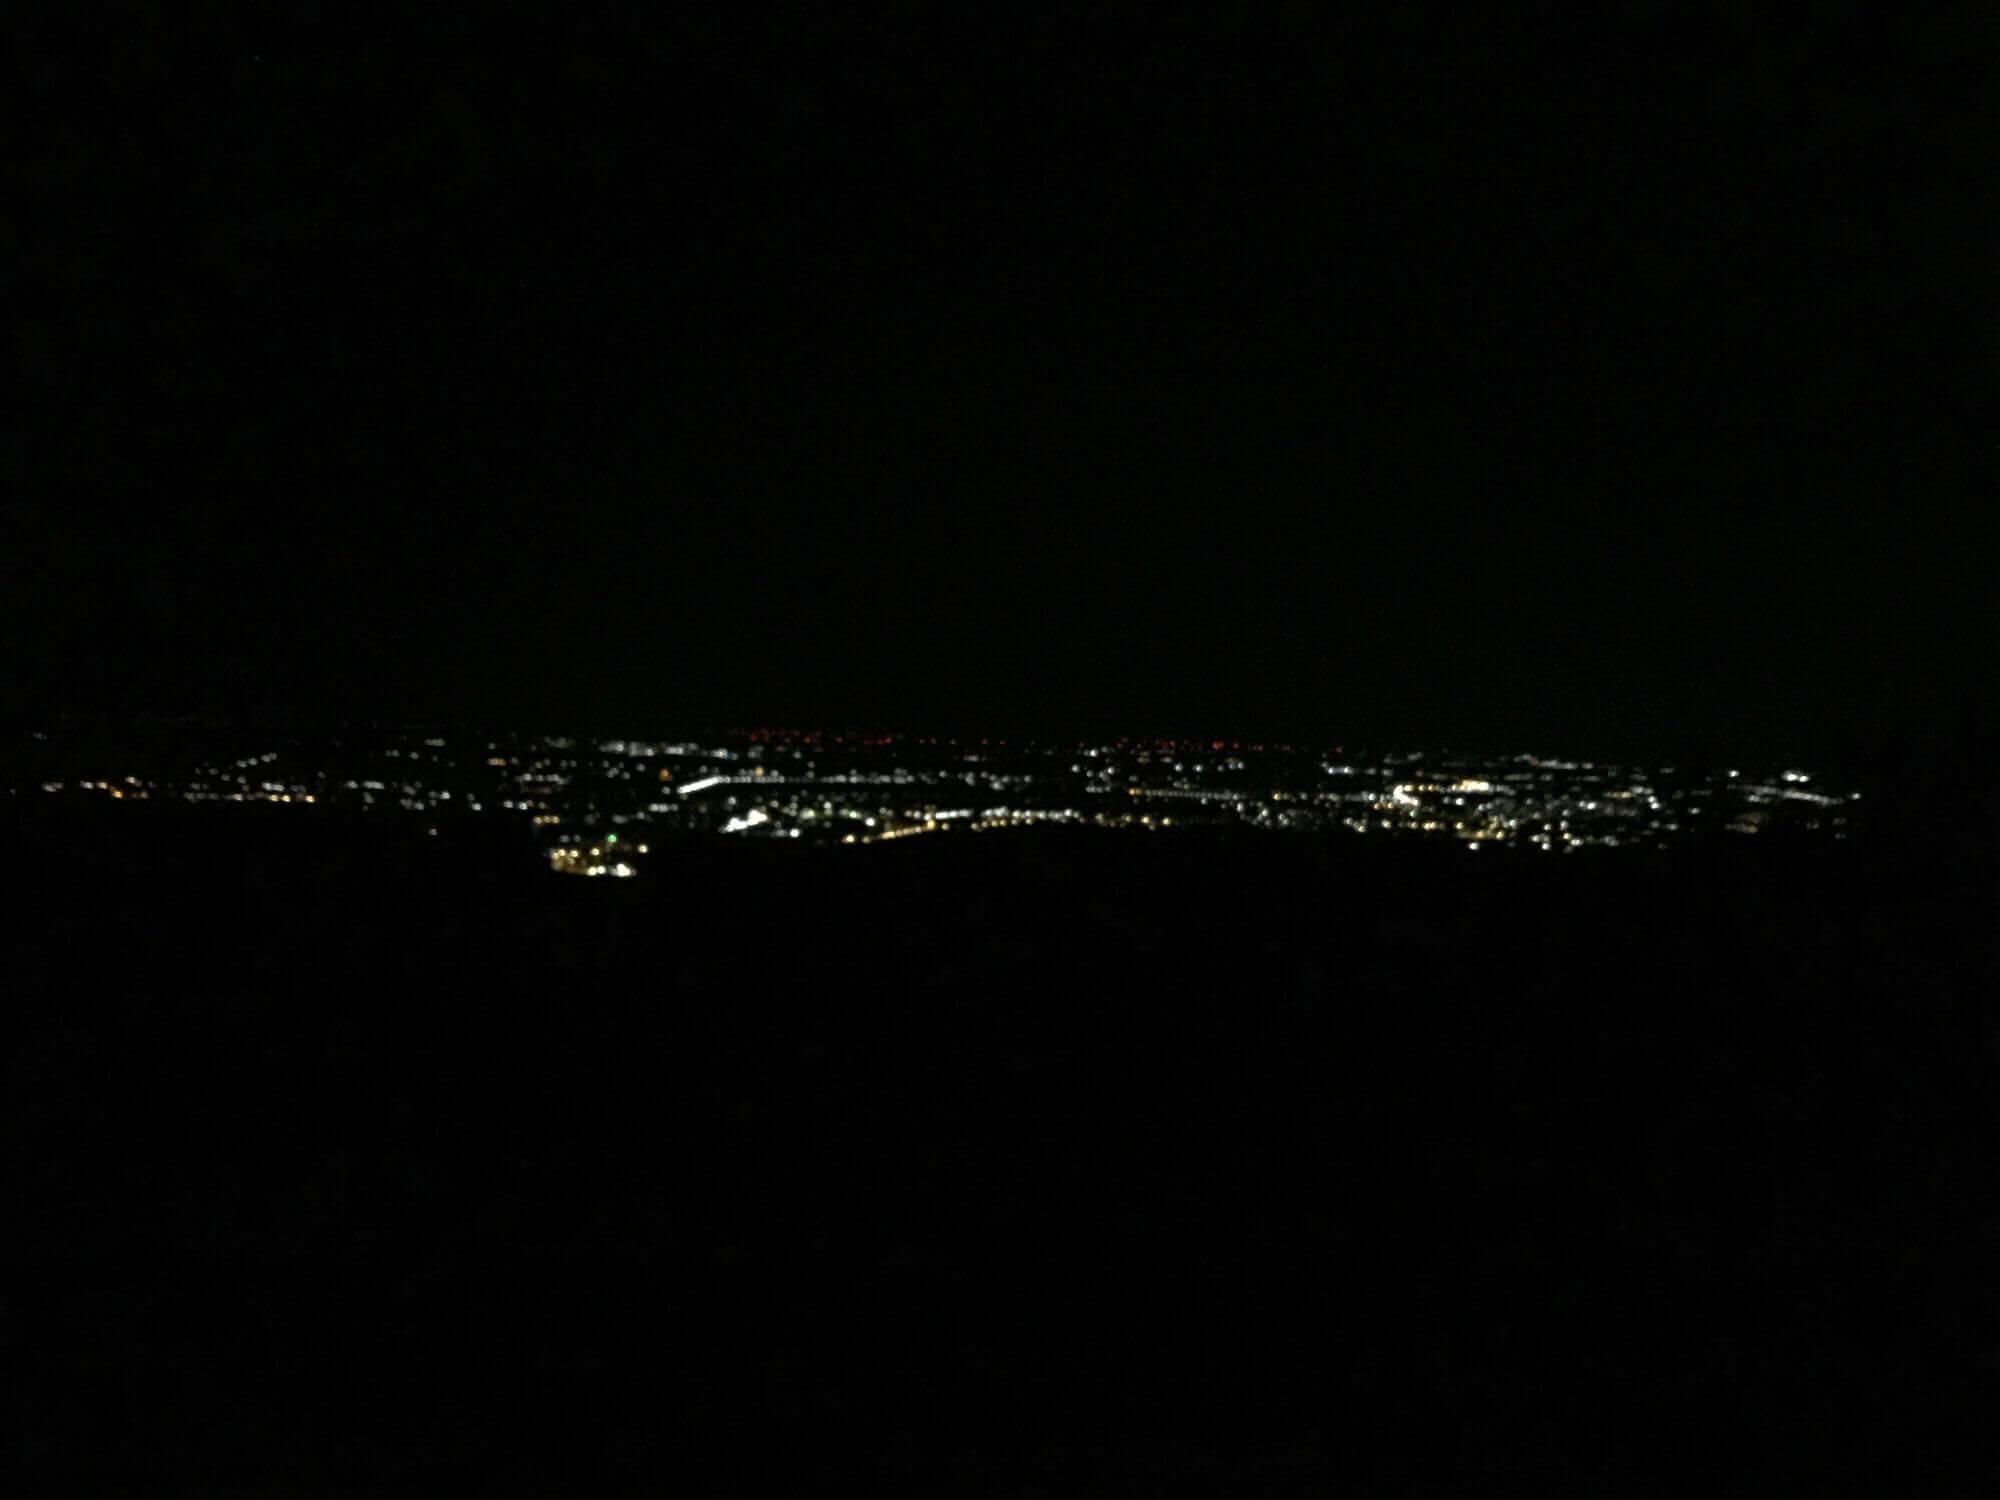 Ausblick von Wiener Weinbergen auf Stadt bei Nacht